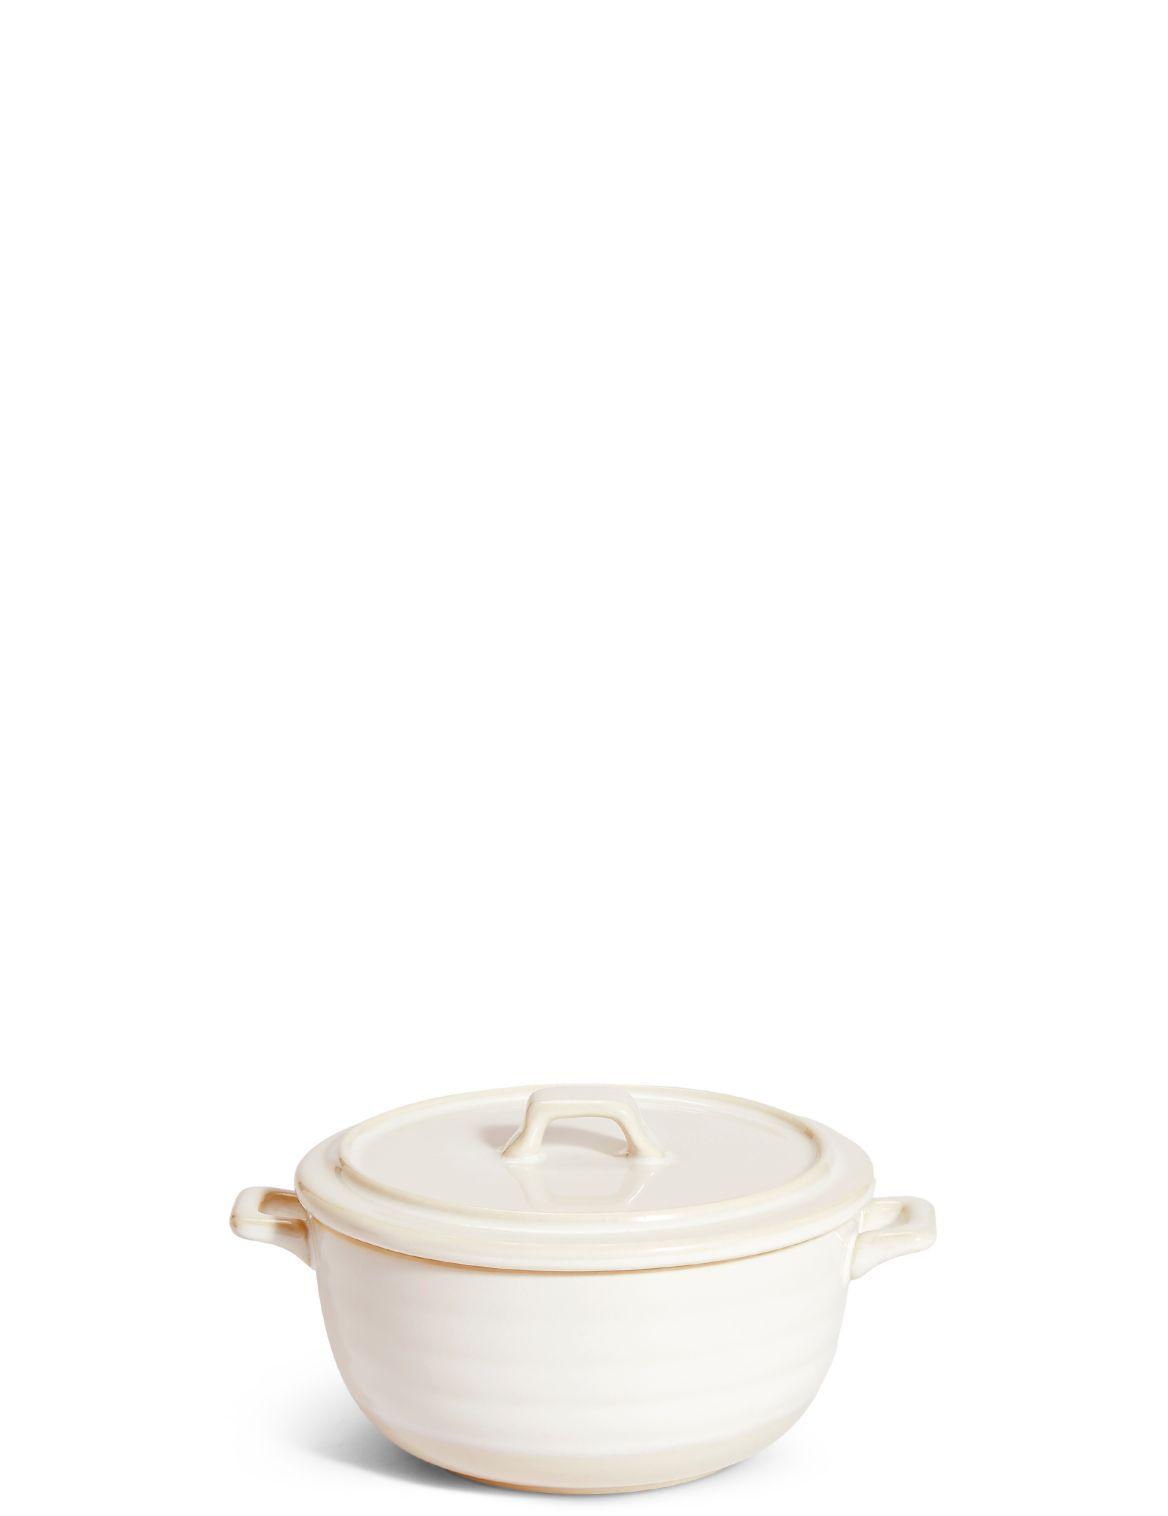 Albany Mini Casserole Dish white